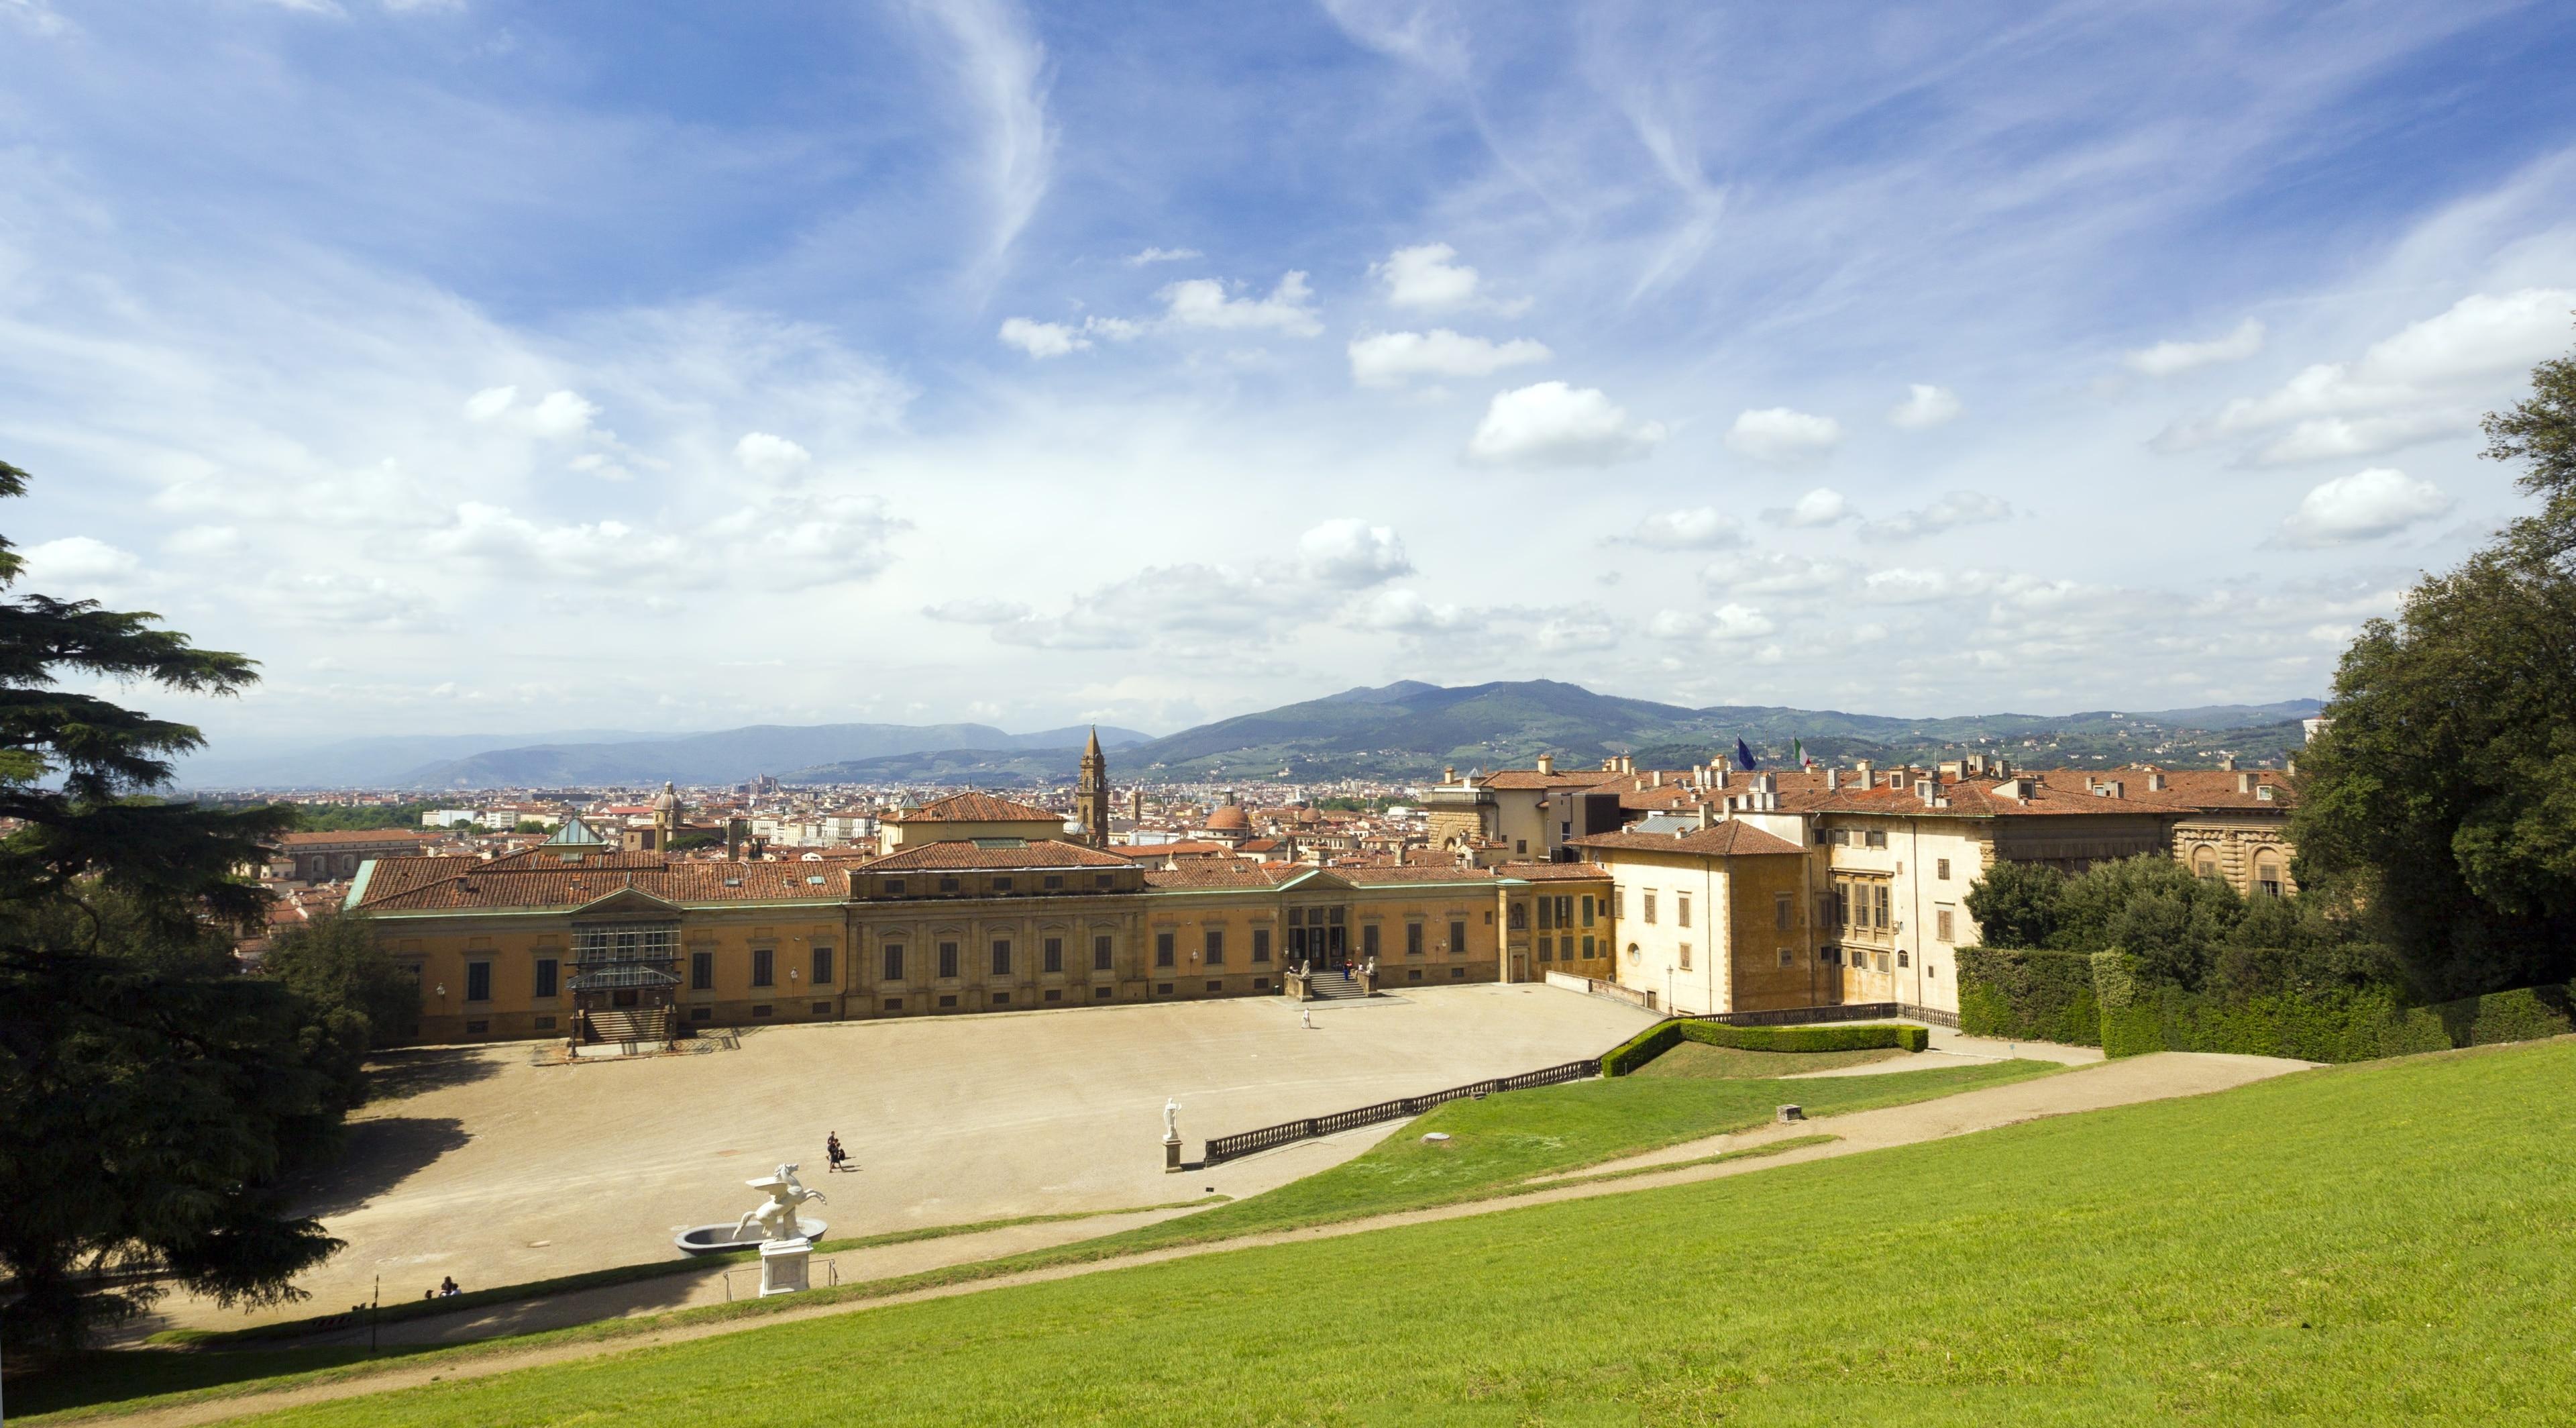 Boboli-Garten, Florenz, Toskana, Italien